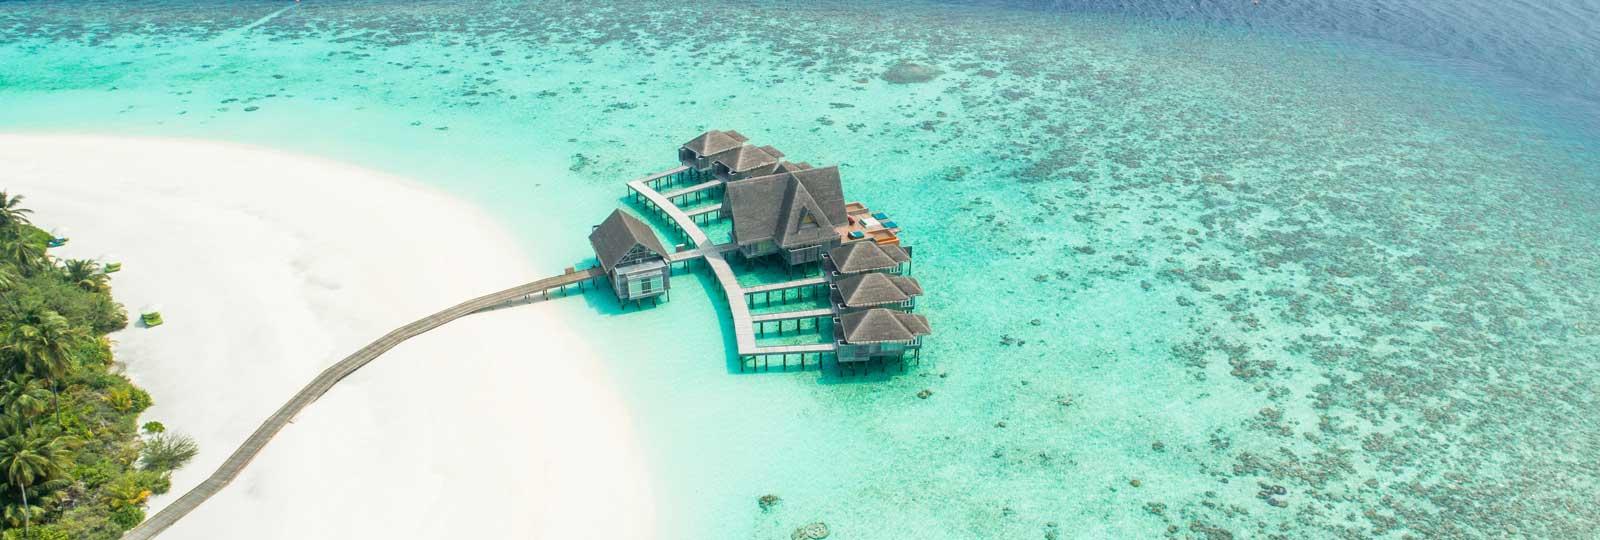 Мальдивы на чартере от ANEX Tour